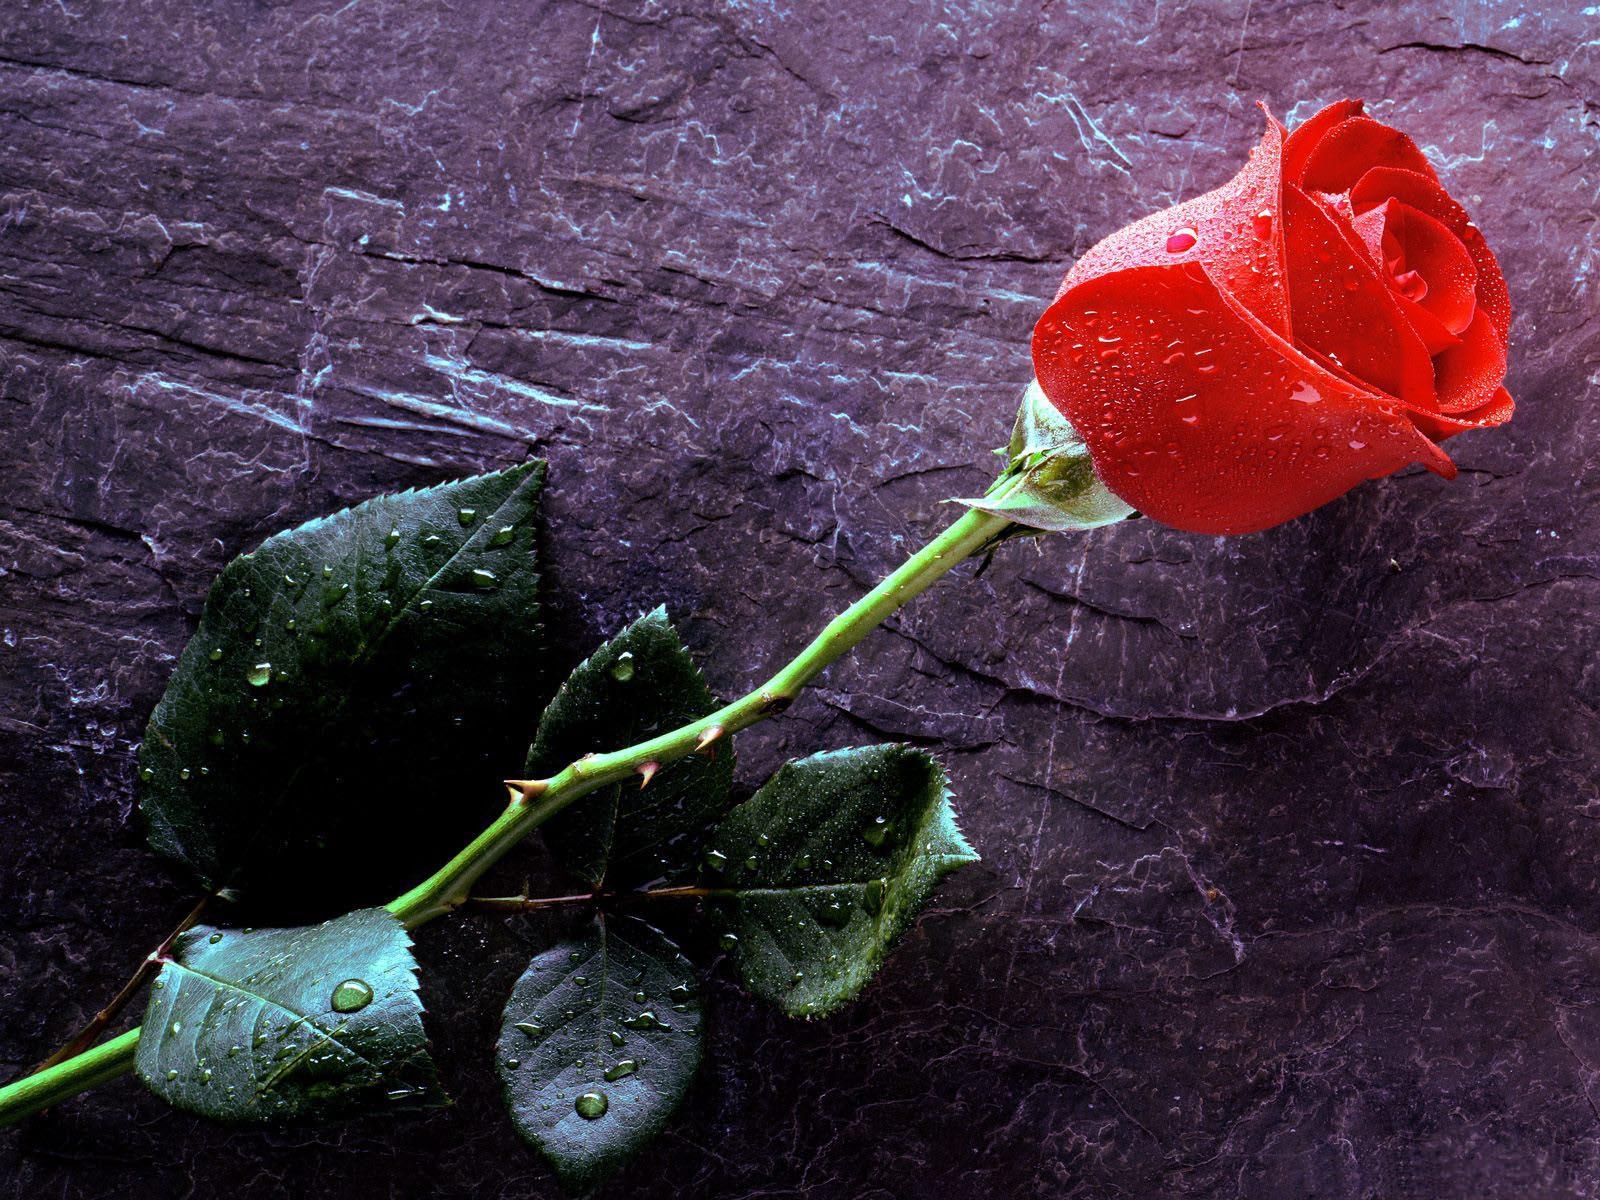 алокрасная роза но камне, скачать фото, обои для рабочего стола